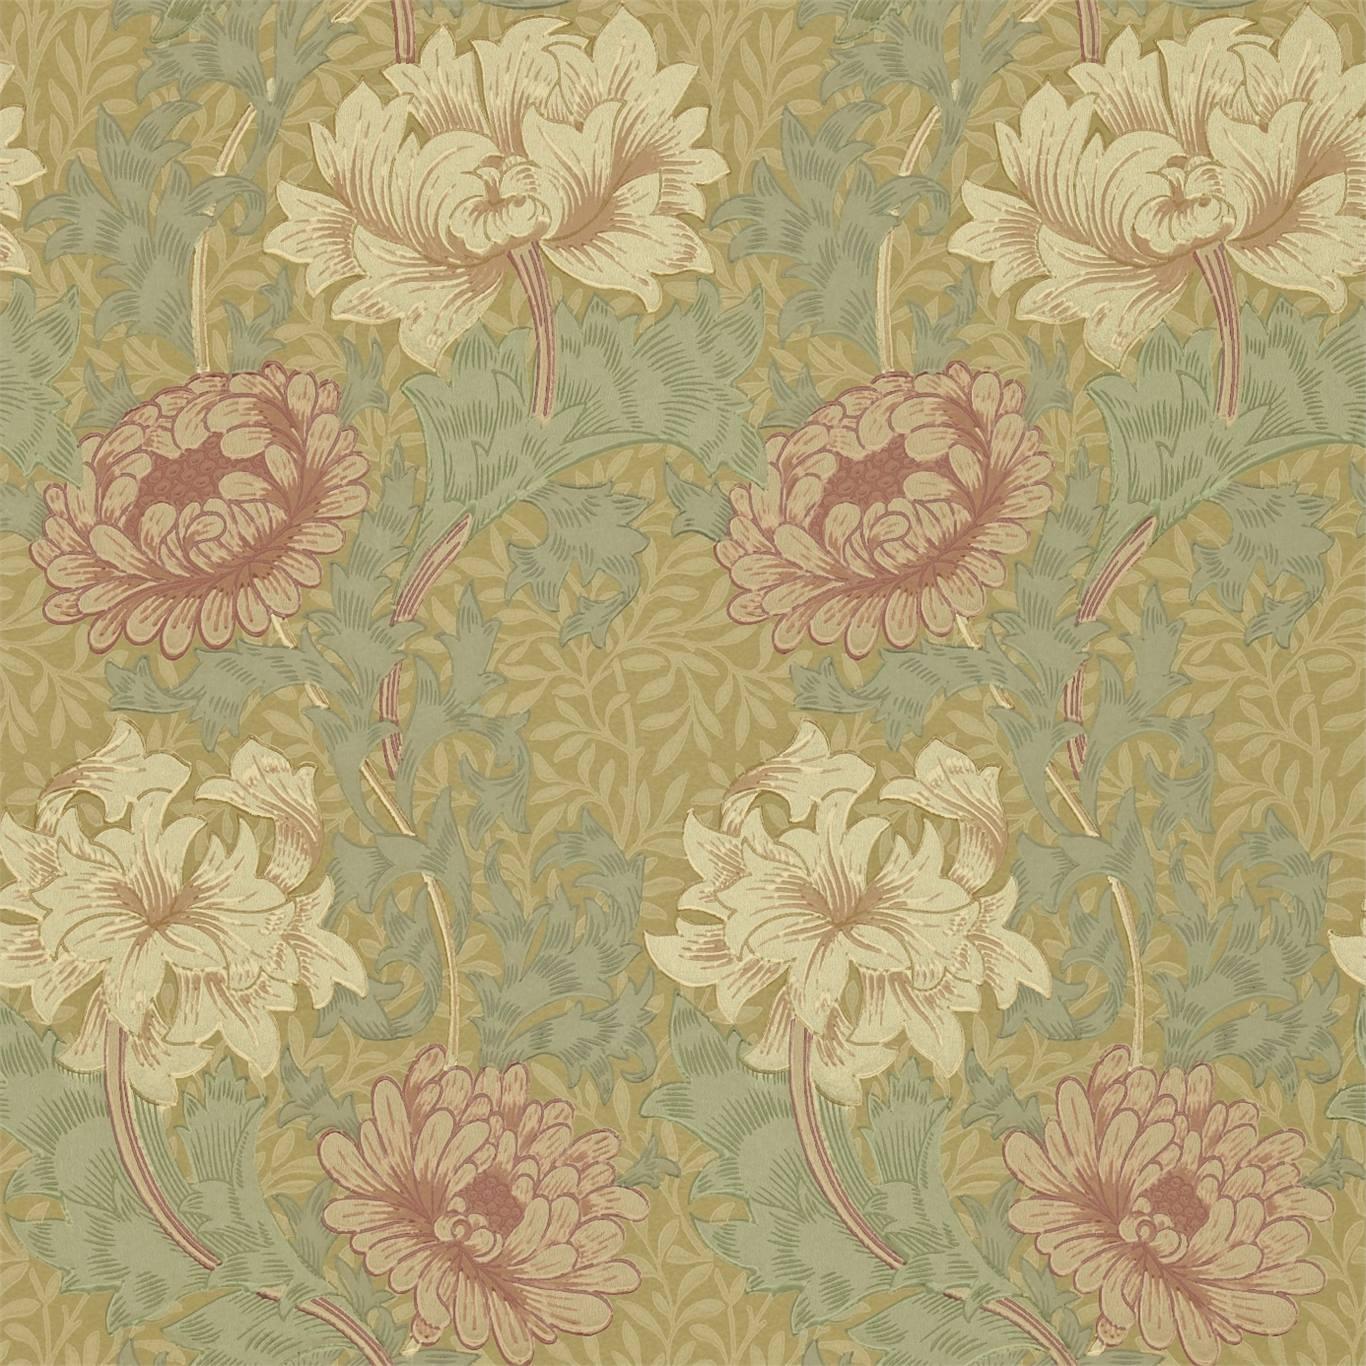 Tapet William Morris Chrysanthmum 216860